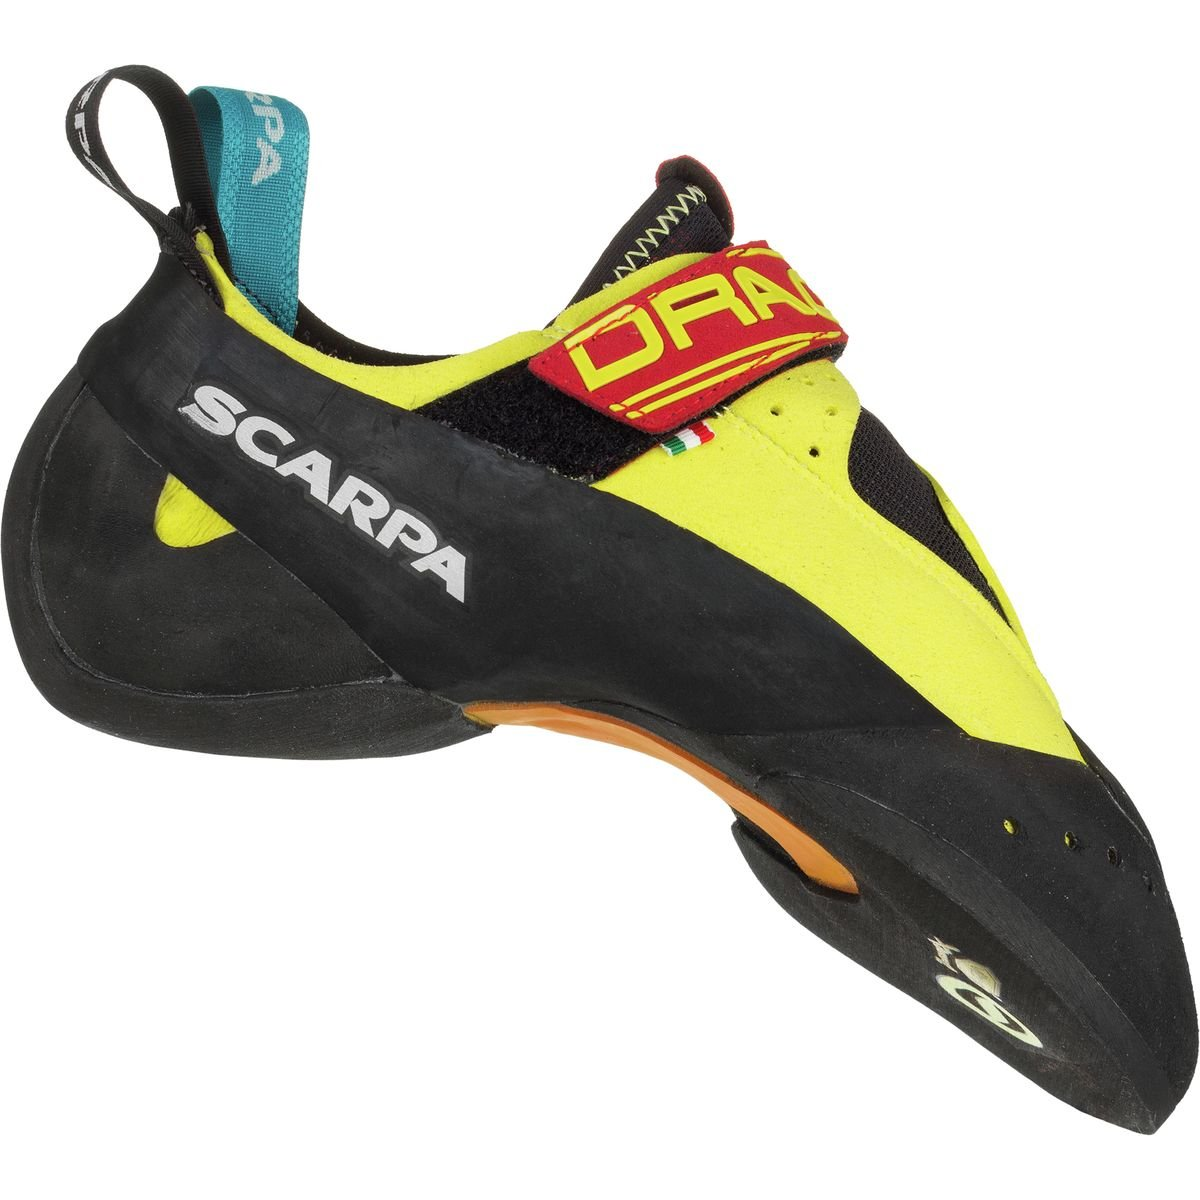 SCARPA Drago Climbing Shoe, Yellow, 38.5 EU/6 1/3 D US